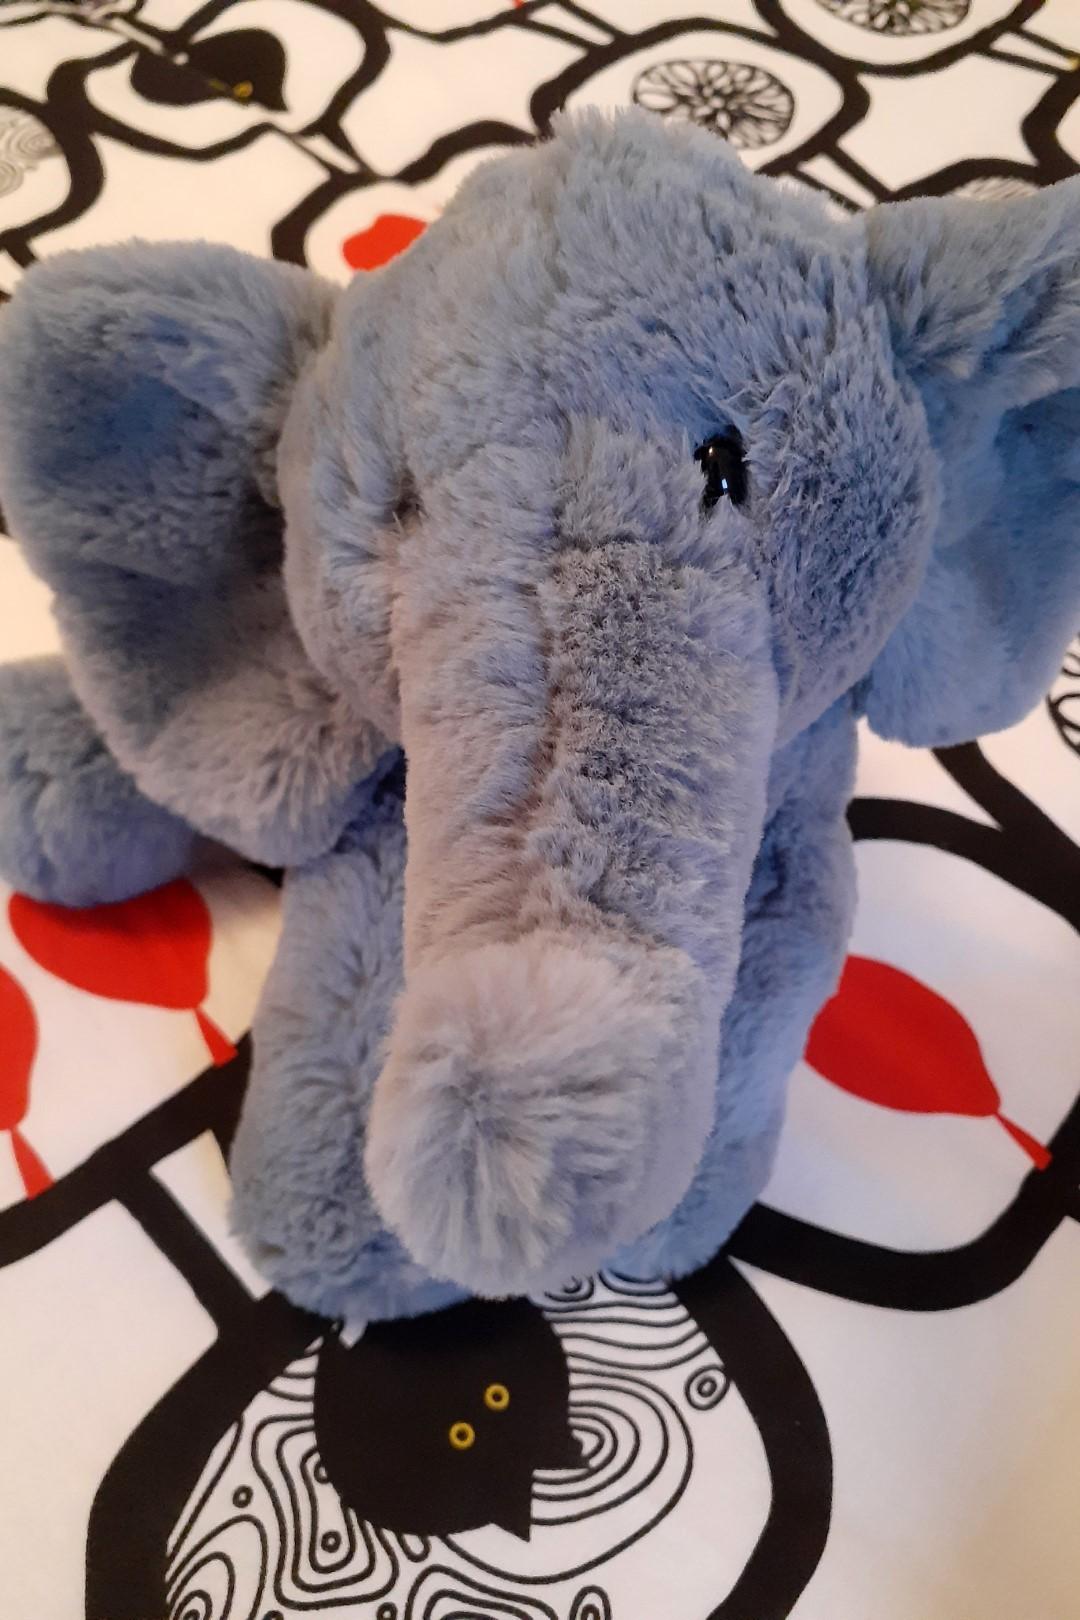 My birthday elephant, now in Canada